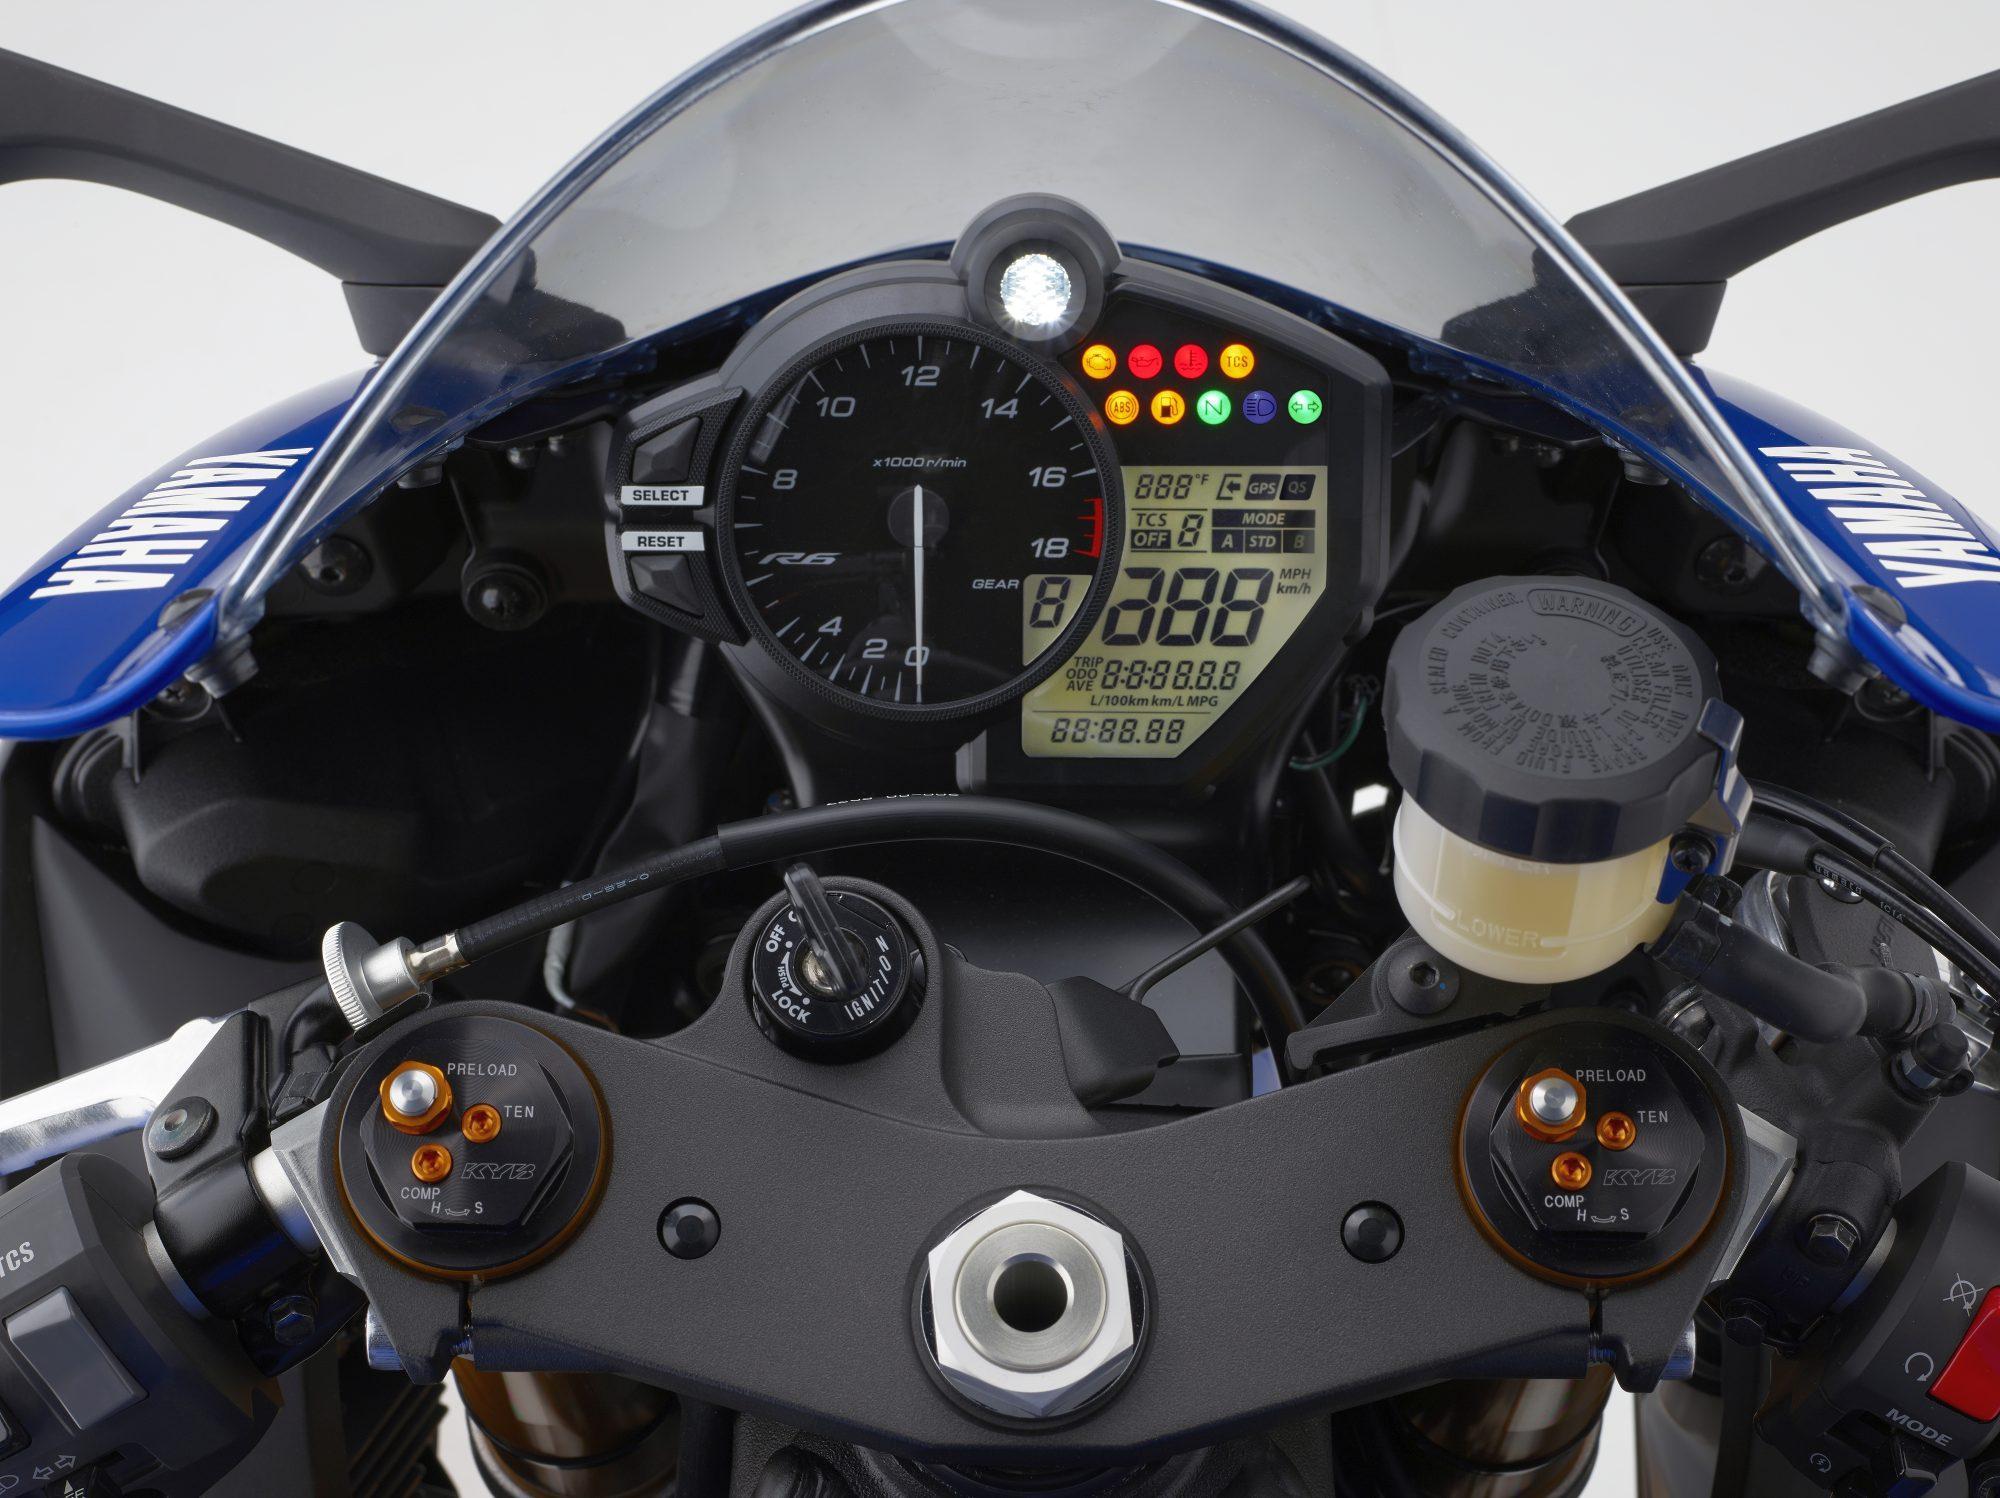 Yamaha YZF R6 2017 Test Mit Video Galerie Und Daten